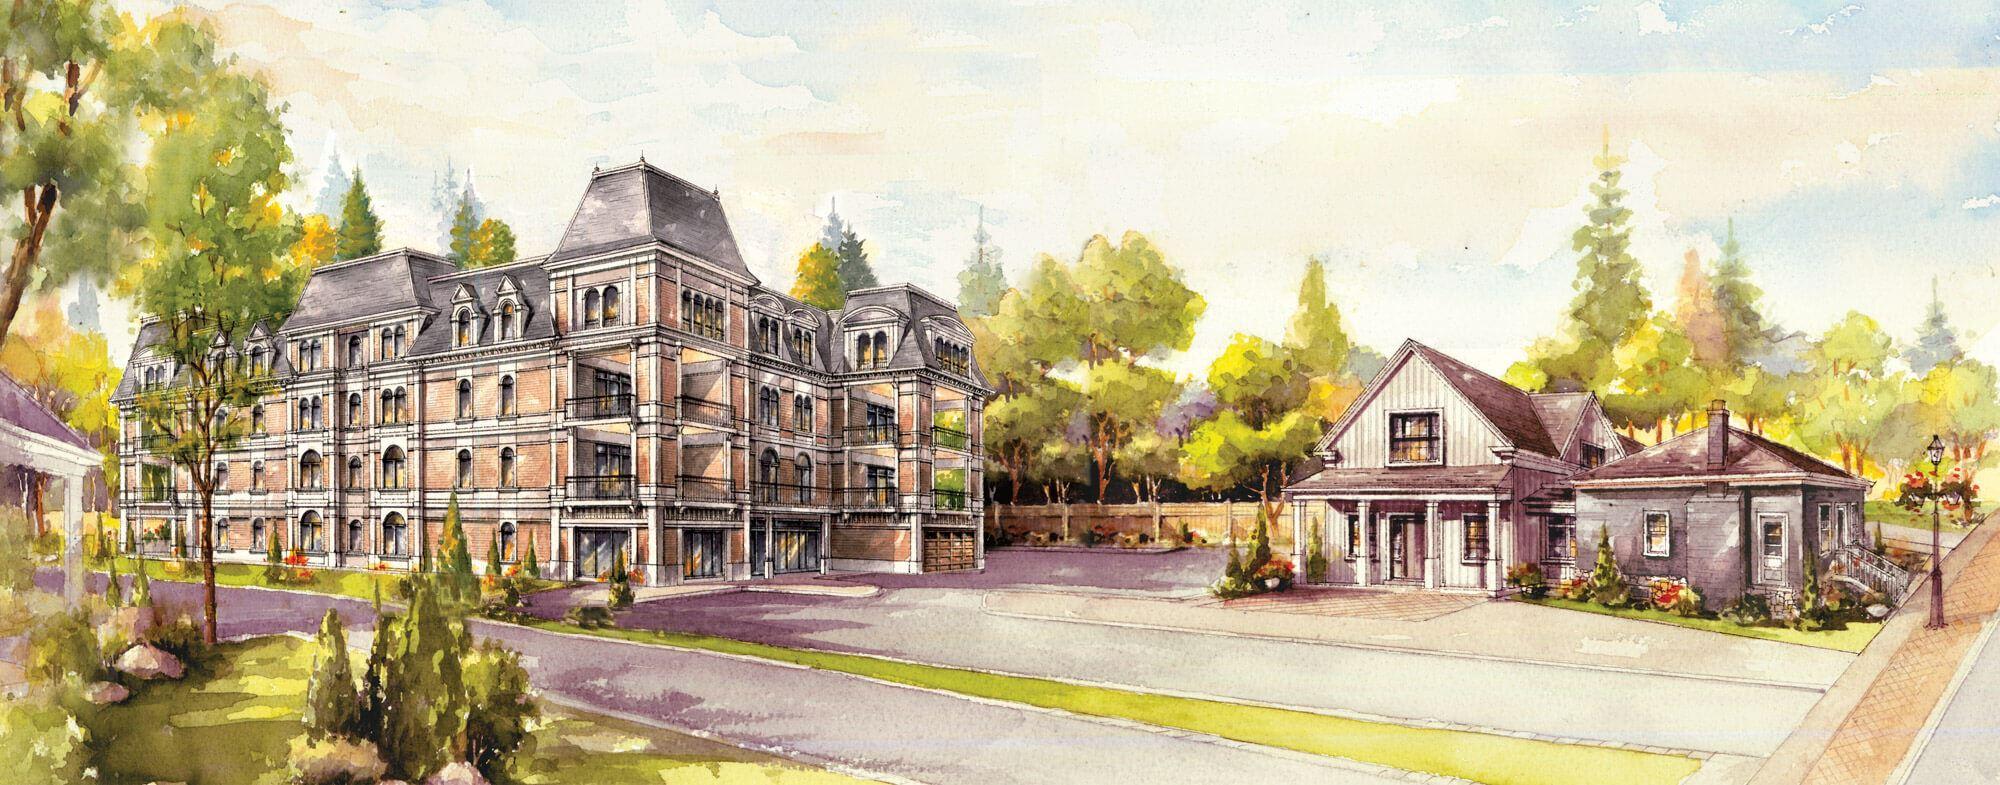 The Hart House Condos, Markham